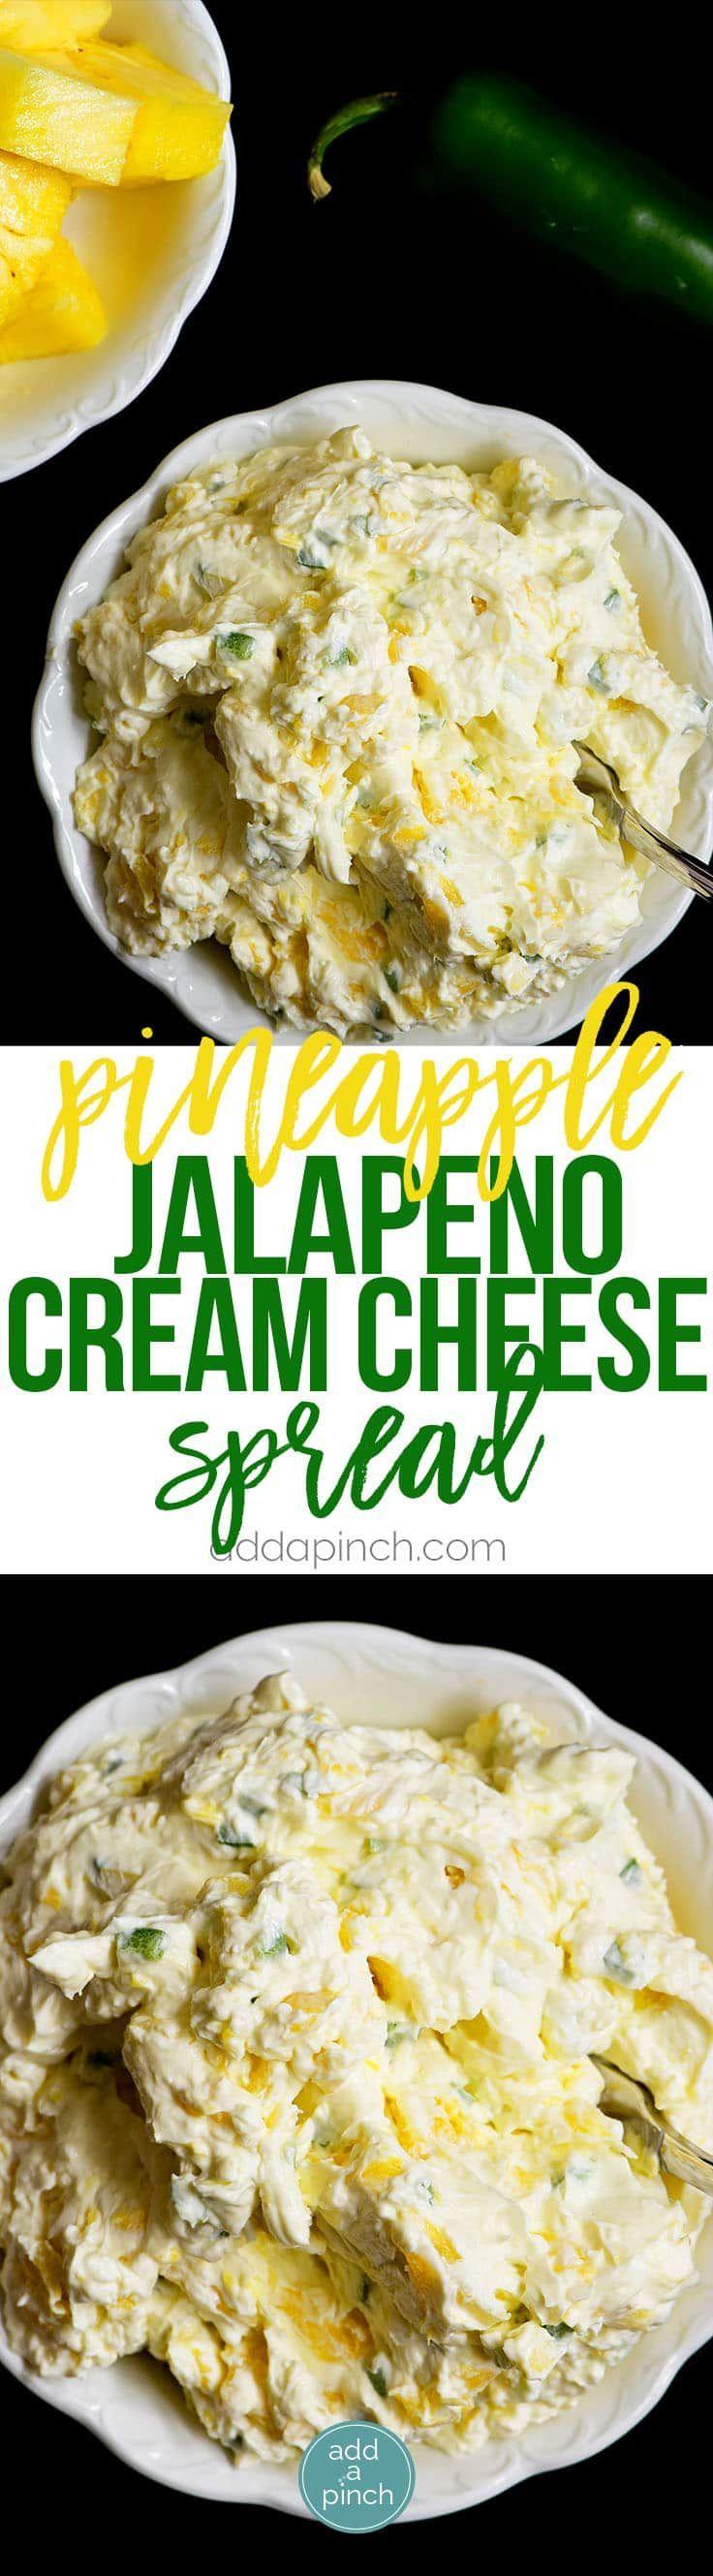 Pineapple Jalapeno Cream Cheese Spread - Deze snelle en eenvoudige recept komt samen in een handomdraai met slechts vier ingrediënten!  Deze zoete en kruidige crème smeerkaas is perfect voor sandwiches, wraps, crackers of bagels!  // addapinch.com